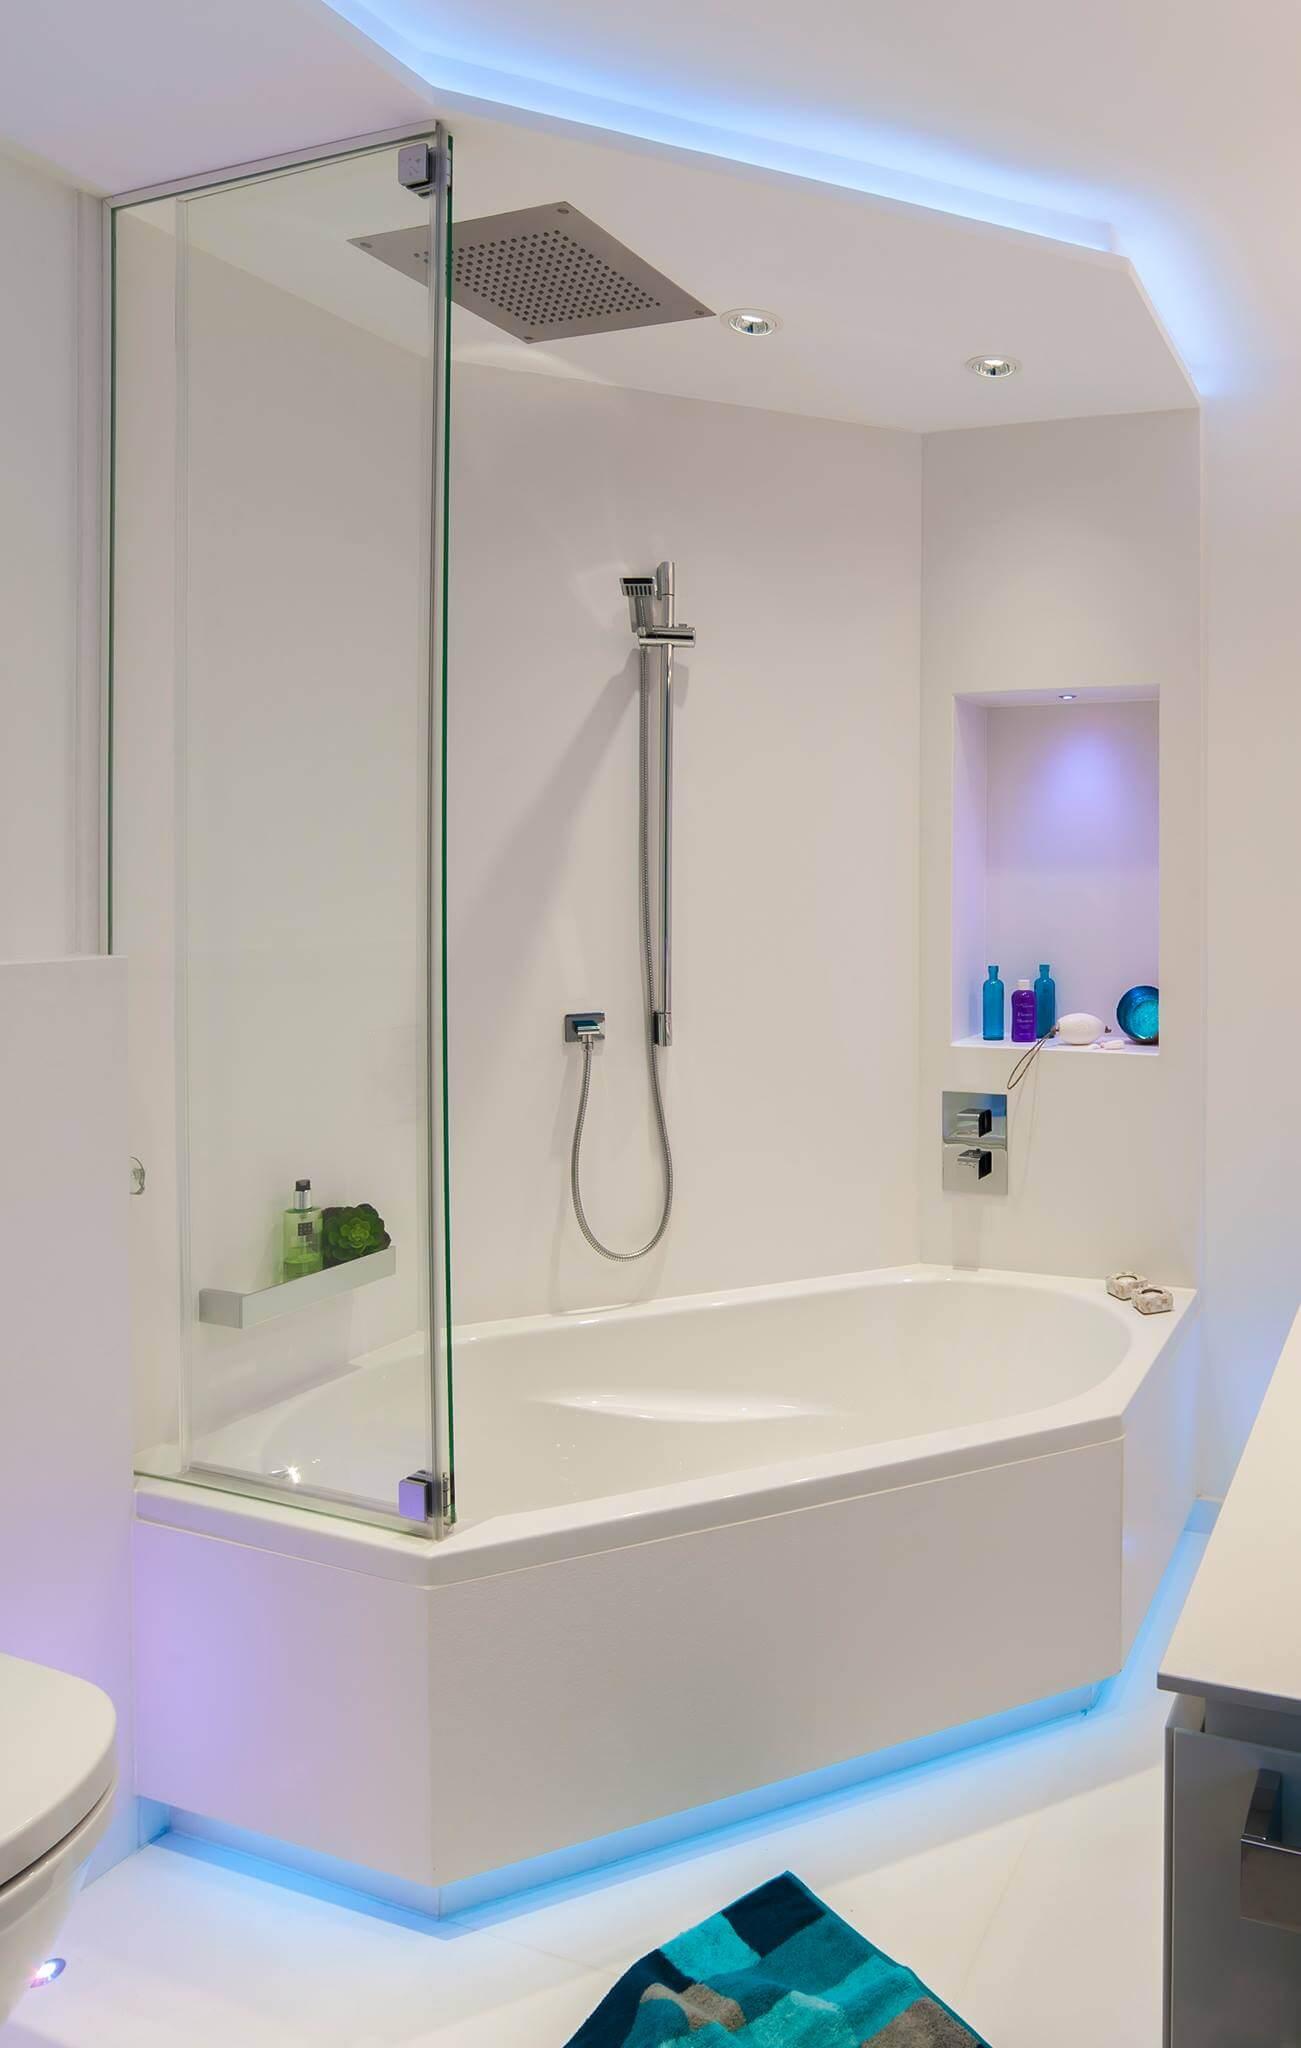 Weniger ist mehr – Ein Gästebad für Minimalisten Dass ein Gästebad mit Dusche mehr sein kann als nur eine kleine Ausgabe des großen Badezimmers bewies Torsten Müller mit dem minimalistischen Design in cleanem Weiß. Sowohl der Boden als auch die Wände sind fliesenfrei gestaltet worden und bilden somit eine einheitliche Fläche. Die helle Farbe und die monochrome Gestaltung vergrößern den Raum optisch und lassen ähnlich einer leeren Leinwand der Fantasie freien Lauf. Damit sich jeder Gast wie zuhause fühlt, schafft das moderne Lichtdesign eine individuelle Stimmung. Lassen Sie sich morgens mit dem dynamischen Rot oder Orange unter der Gästebad Dusche aufwecken oder entspannen Sie abends nach einem Geschäftstermin im blauen Licht, das beruhigt und Ihnen die Möglichkeit gibt, Ihre Gedanken zu ordnen. Die Duschbadewanne lässt dem Besucher die Wahl, ober er ein entspannendes Bad oder lieber eine vitalisierende Regendusche genießen möchte. Der Spritzschutz ist aus transparentem Glas gewählt worden, um die einheitliche Optik des Bades nicht zu stören.